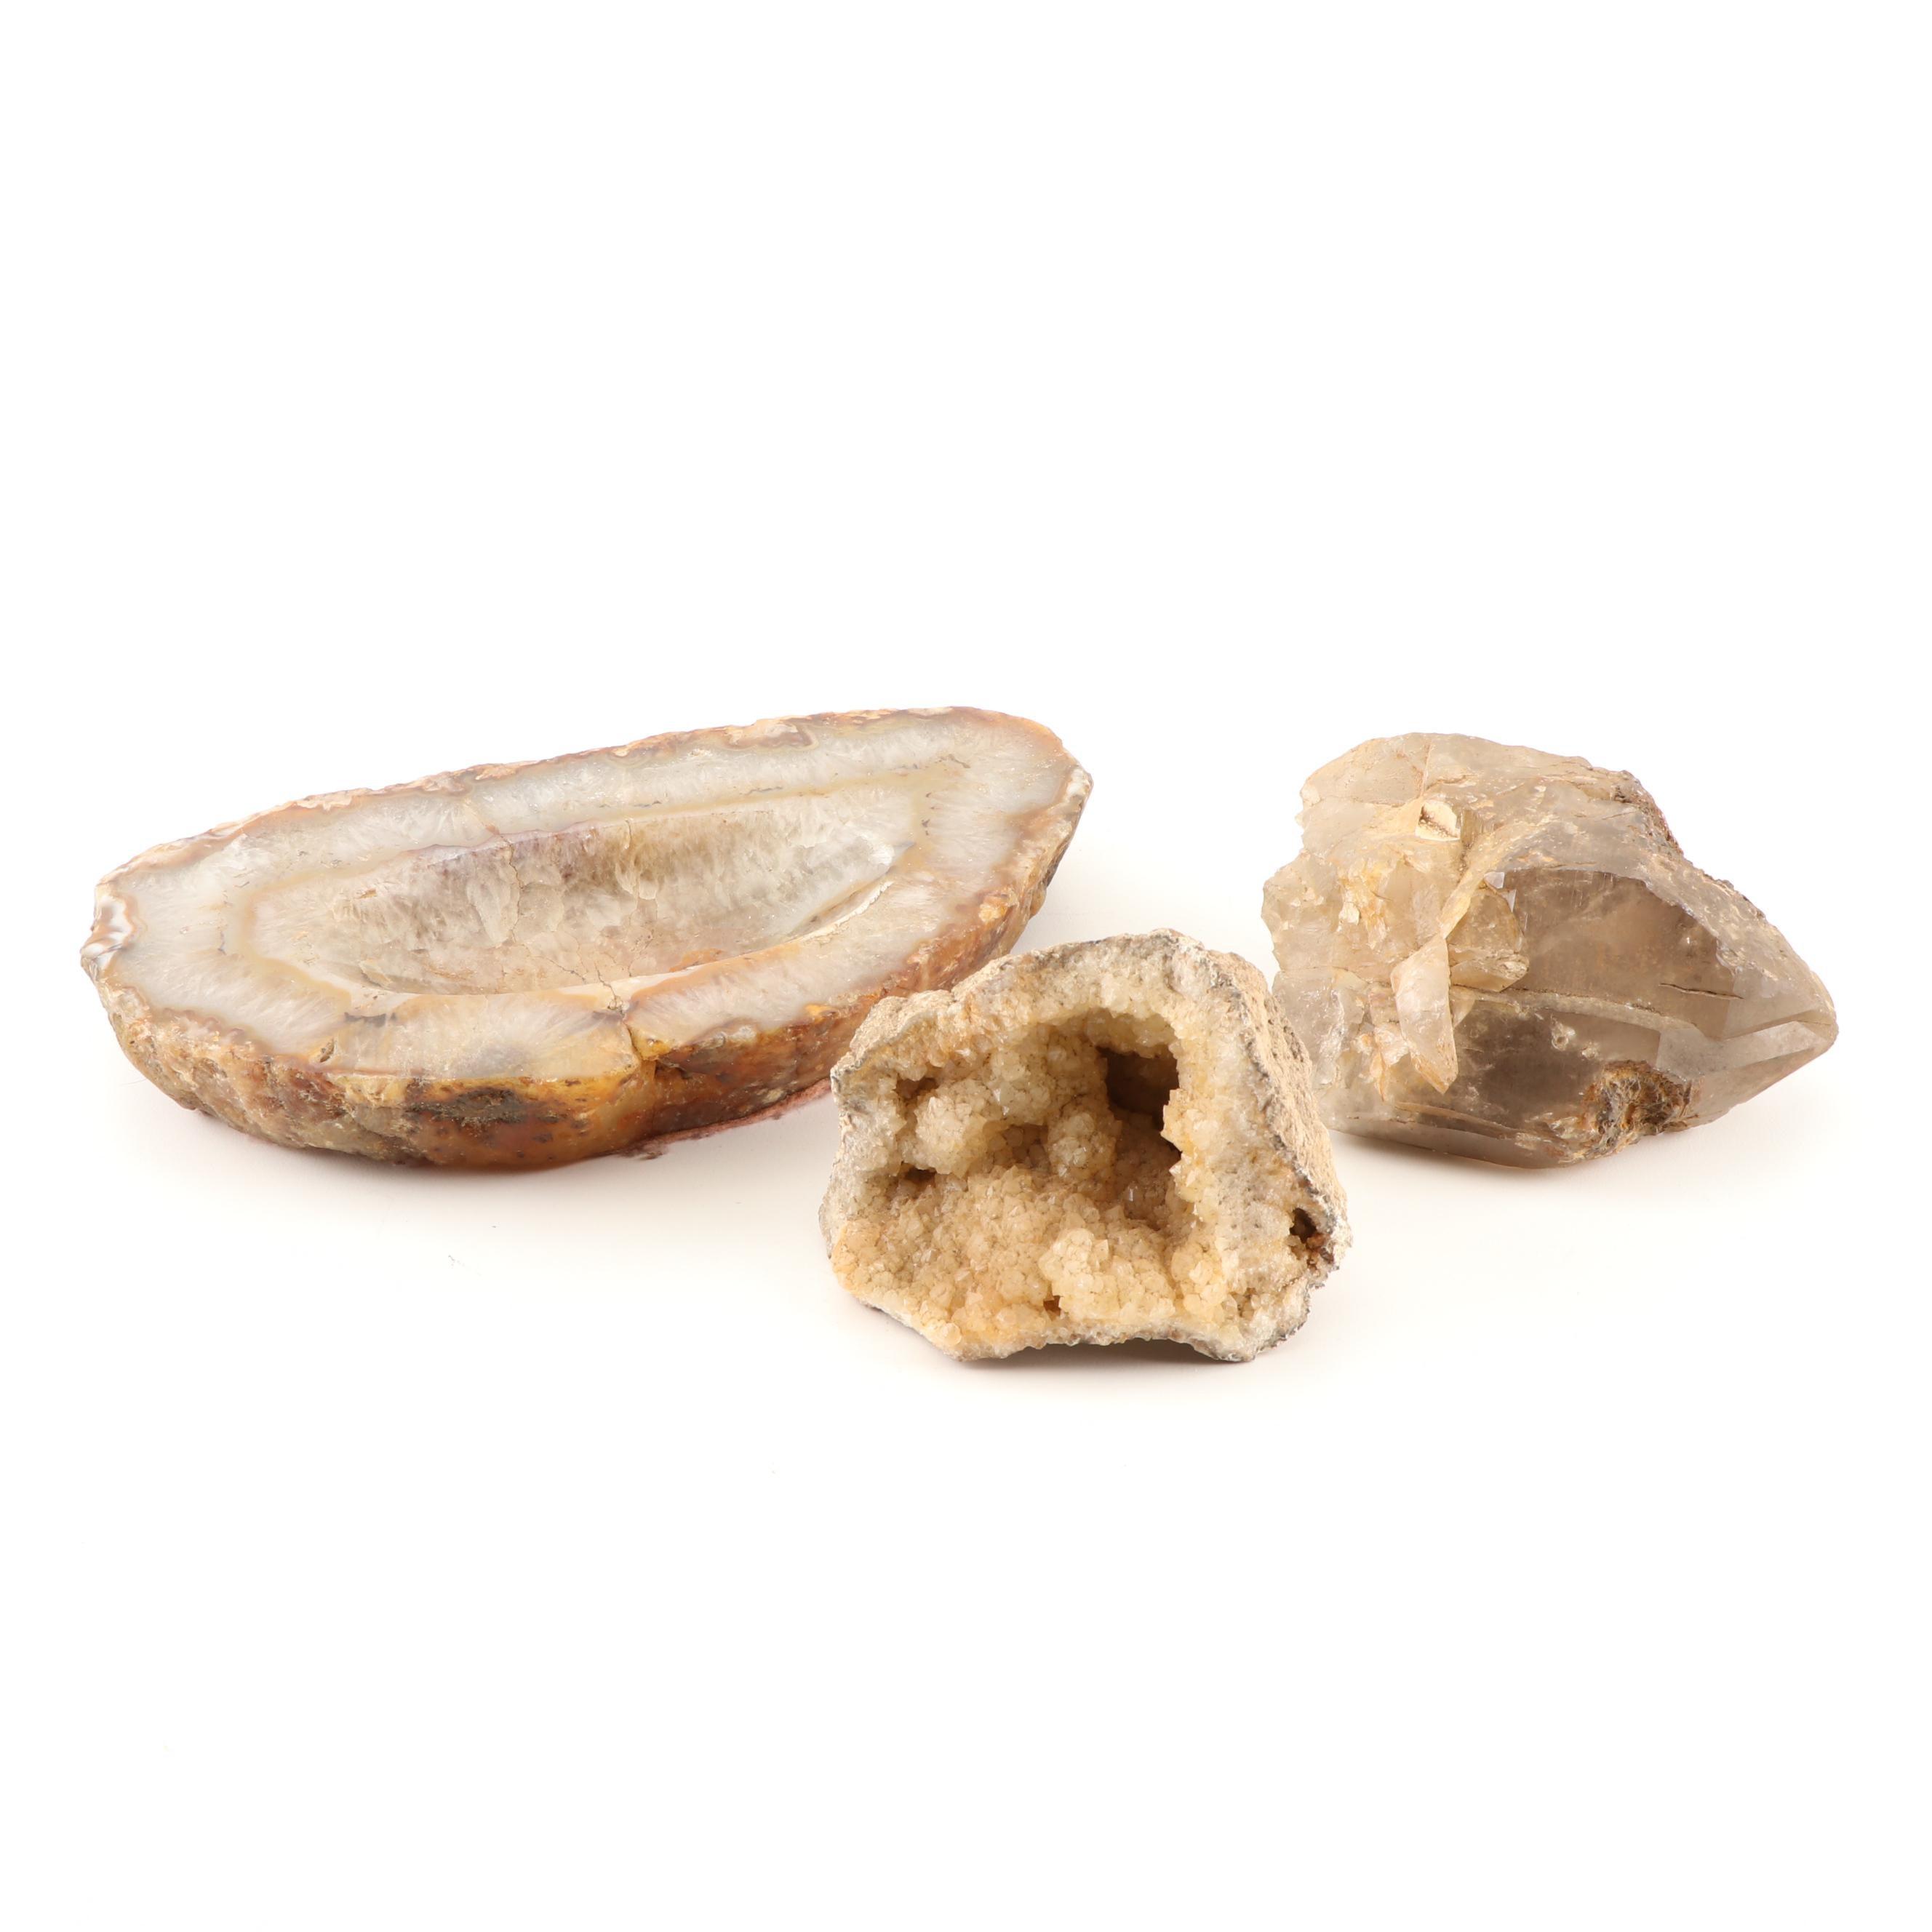 Quartz Geode Specimens